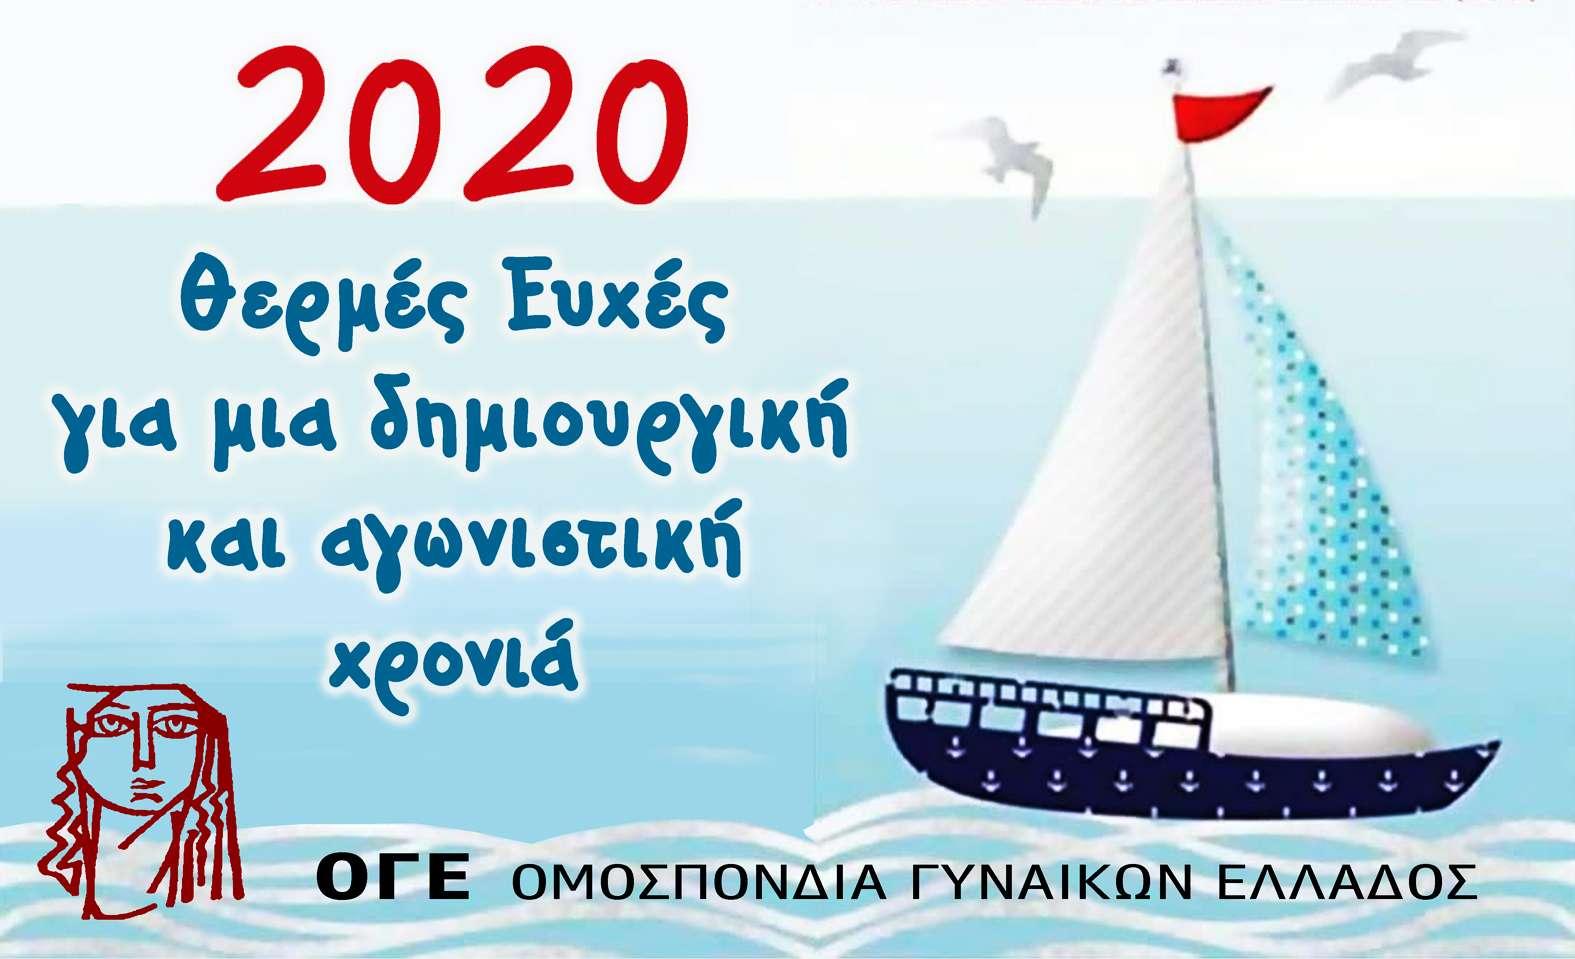 ΟΓΕ ΚΑΛΗ ΧΡΟΝΙΑ 2020